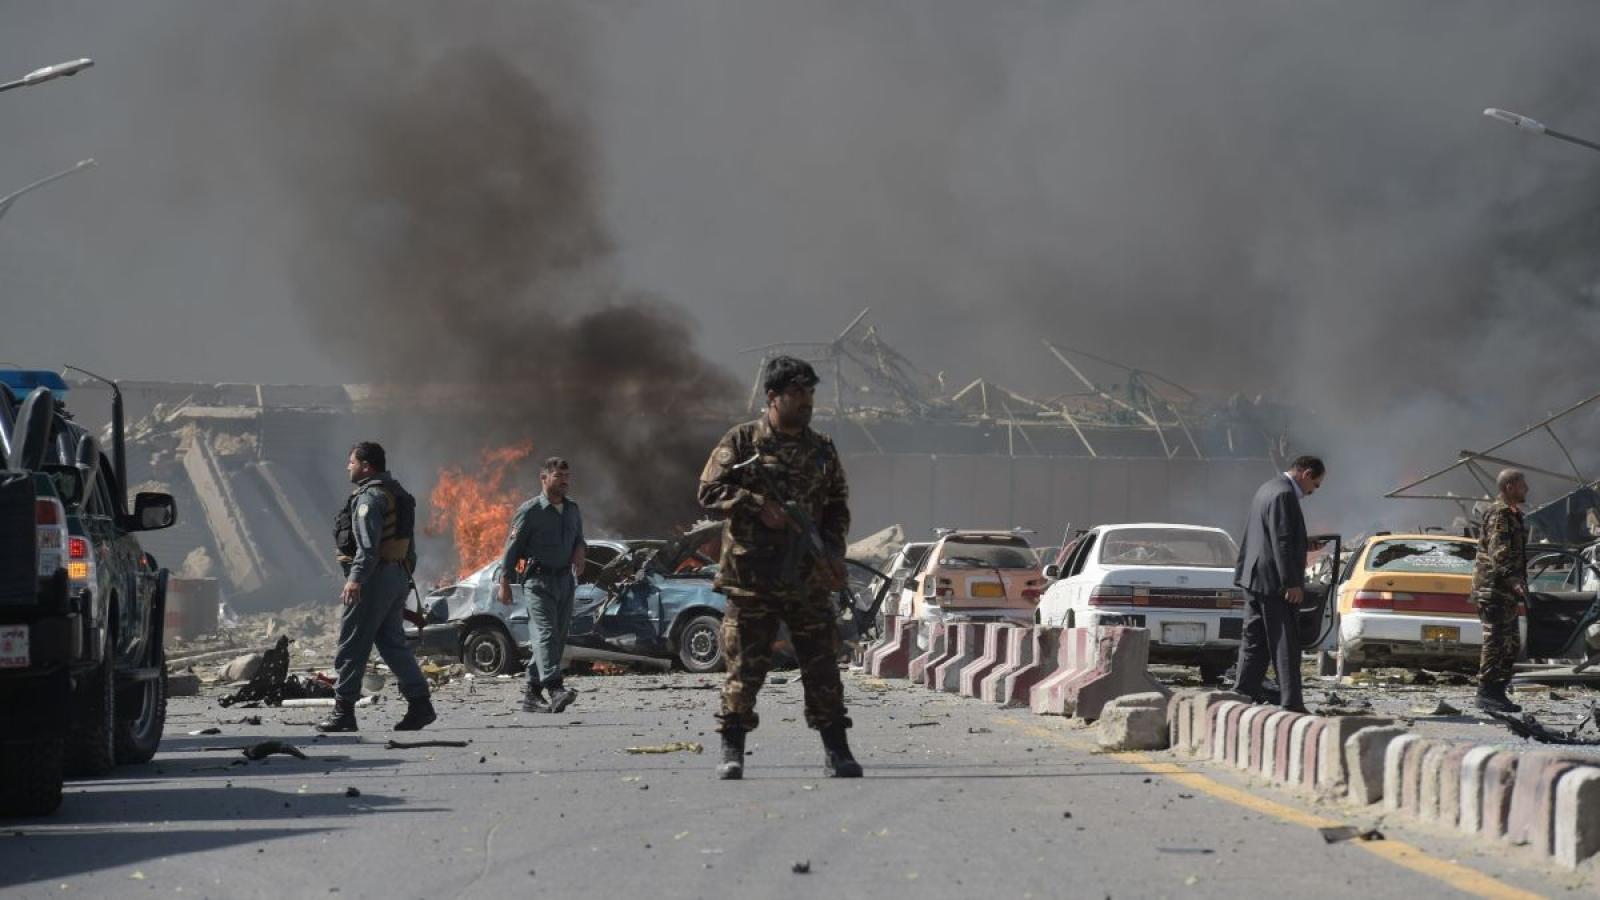 Đánh bom ở Afghanistan, 11 dân thường thiệt mạng